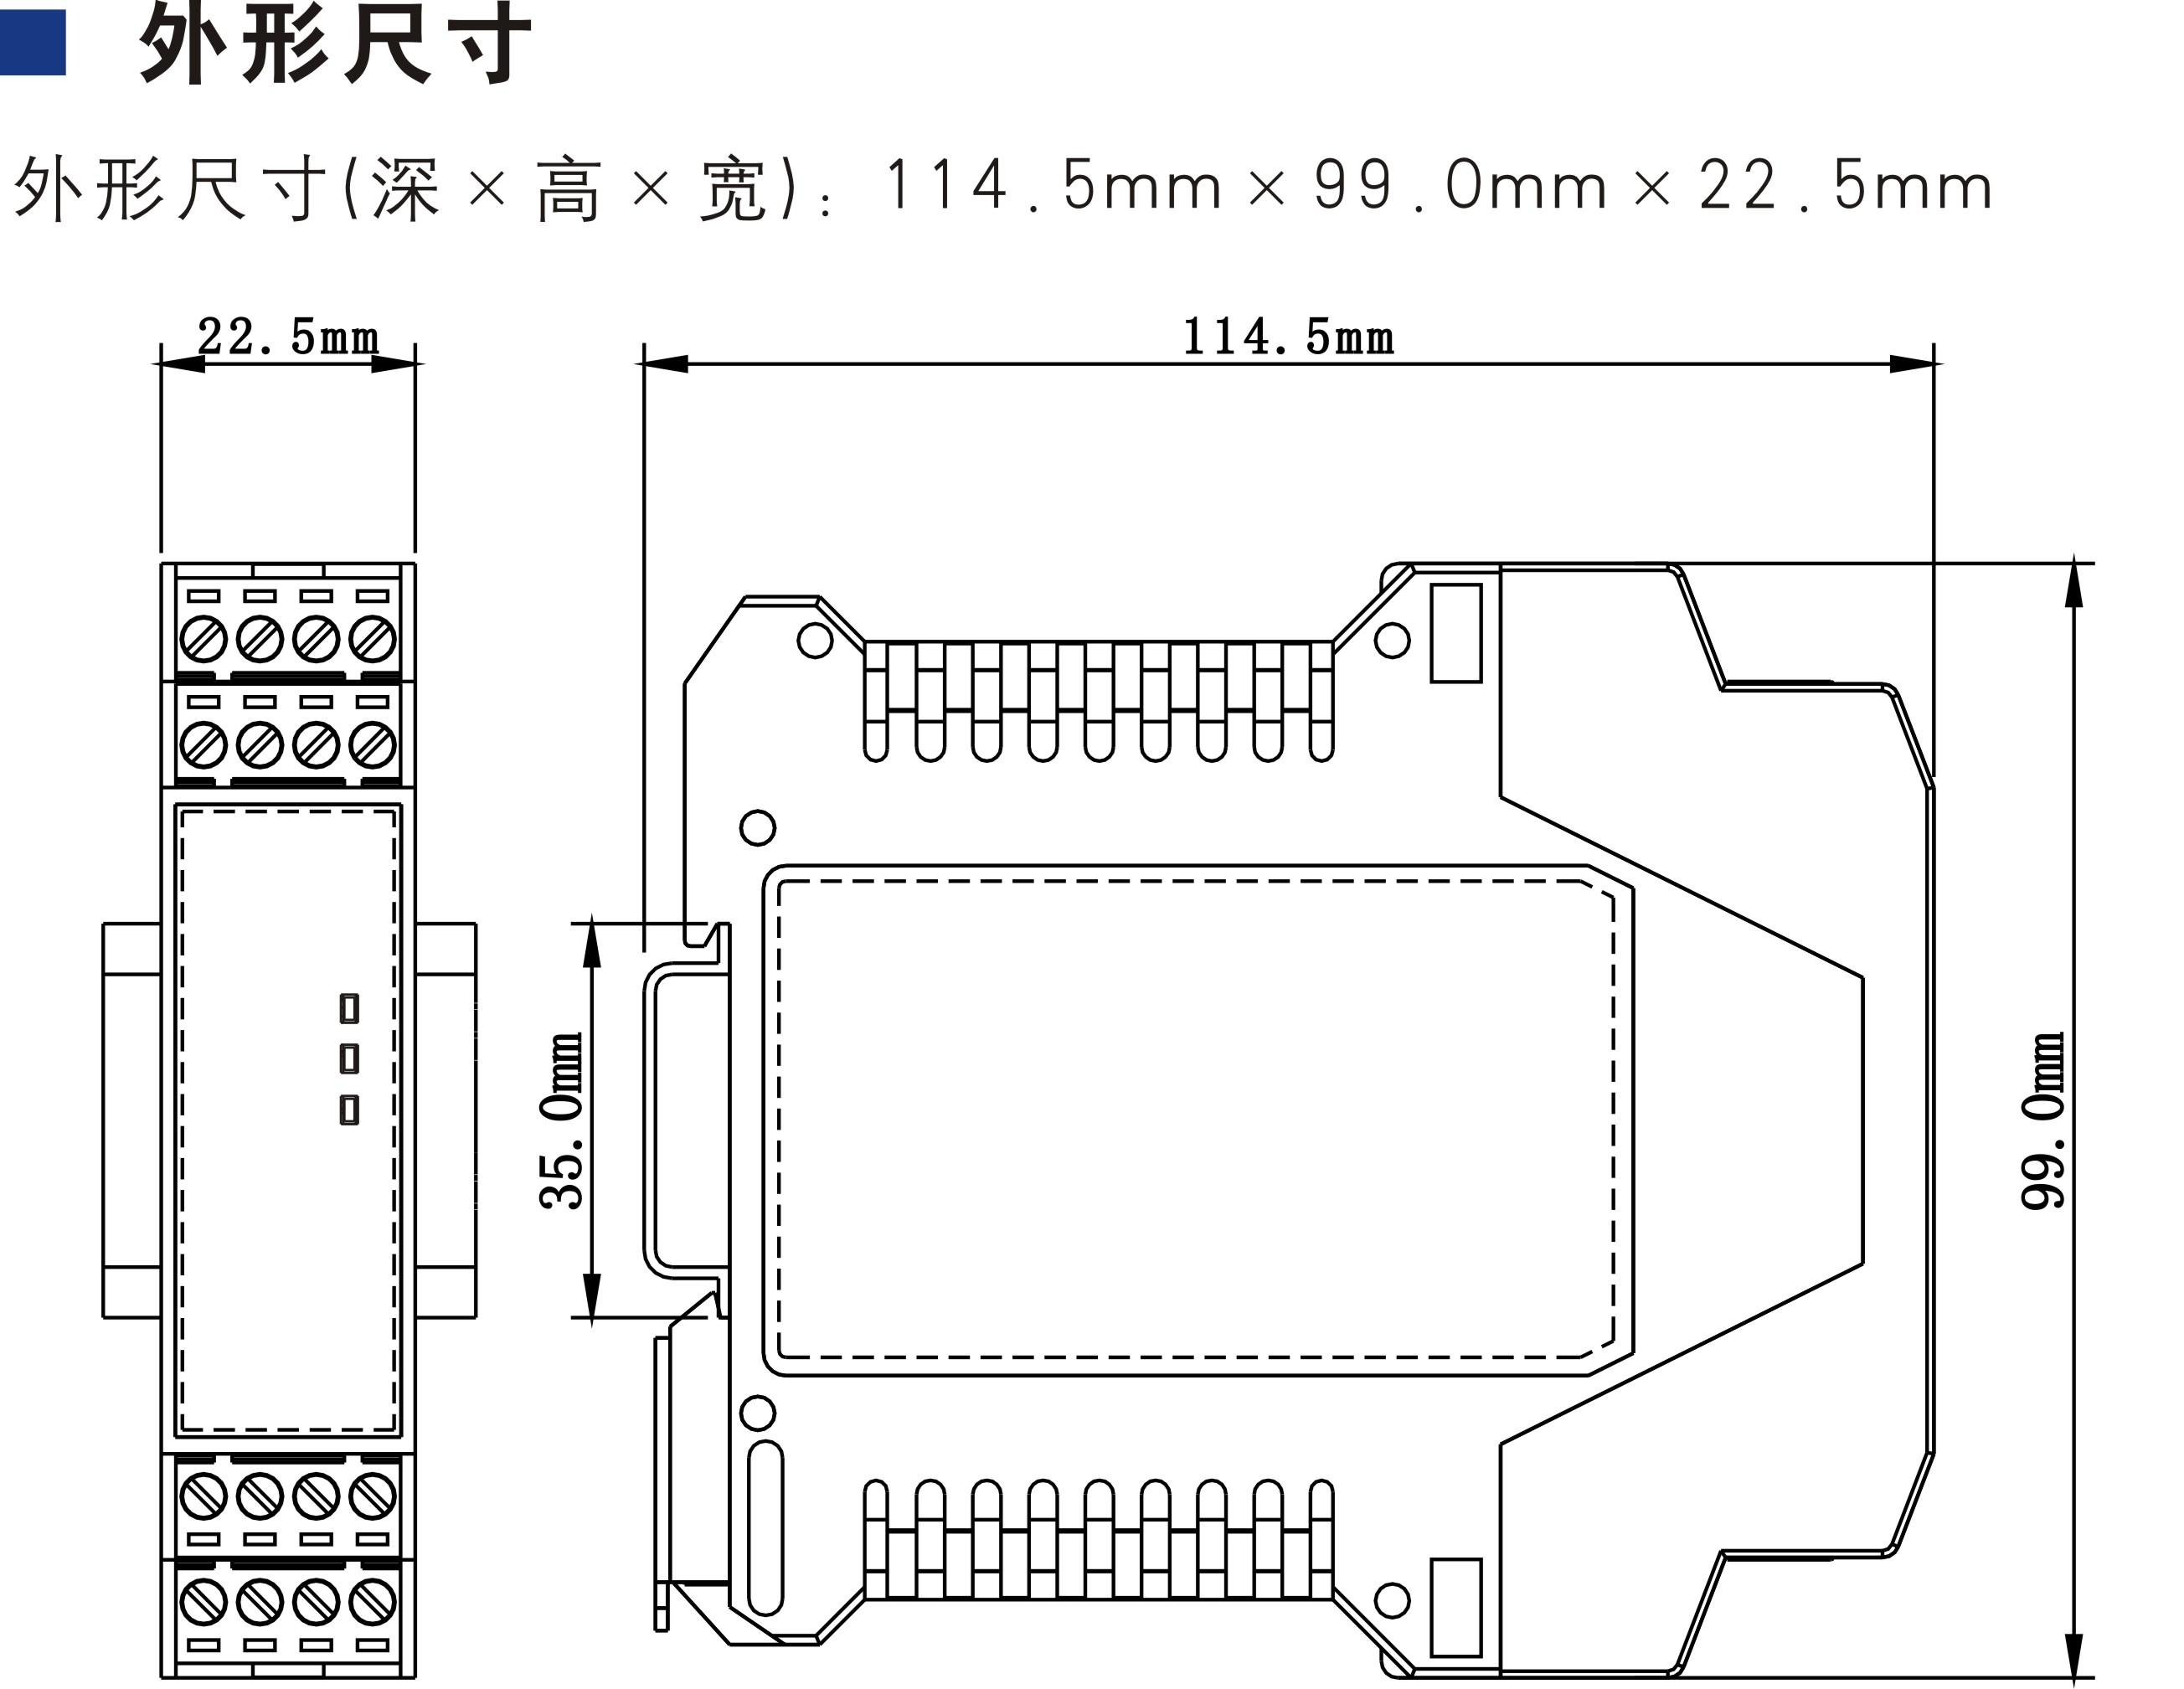 開關型安全設備輸入 (急停按鈕/安全門 24V DC/AC 2NO+2NC 受監控的手動復位)